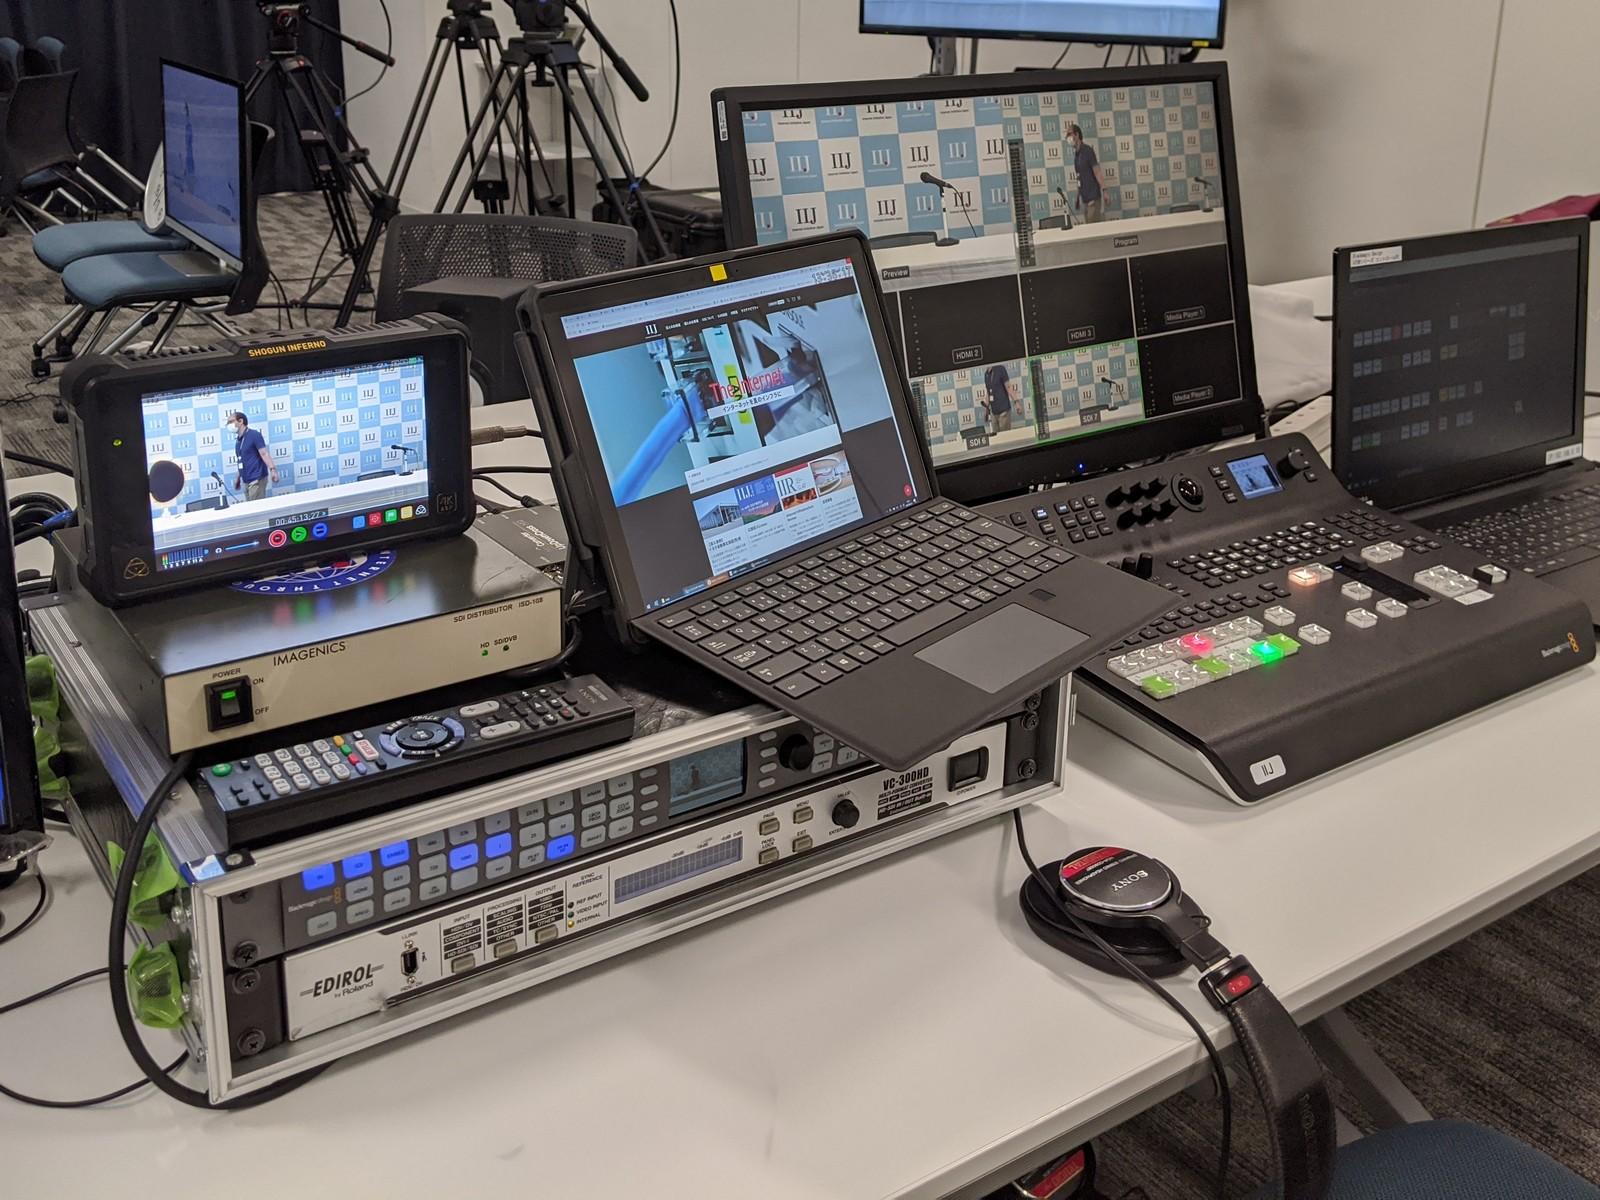 映像オペレーター側から。右側が映像のスイッチャーで、左は最終画面のチェック用モニターの陰に保存用のHDMIレコーダーがある。下のラックは音声と映像を合わせるためのディレイ